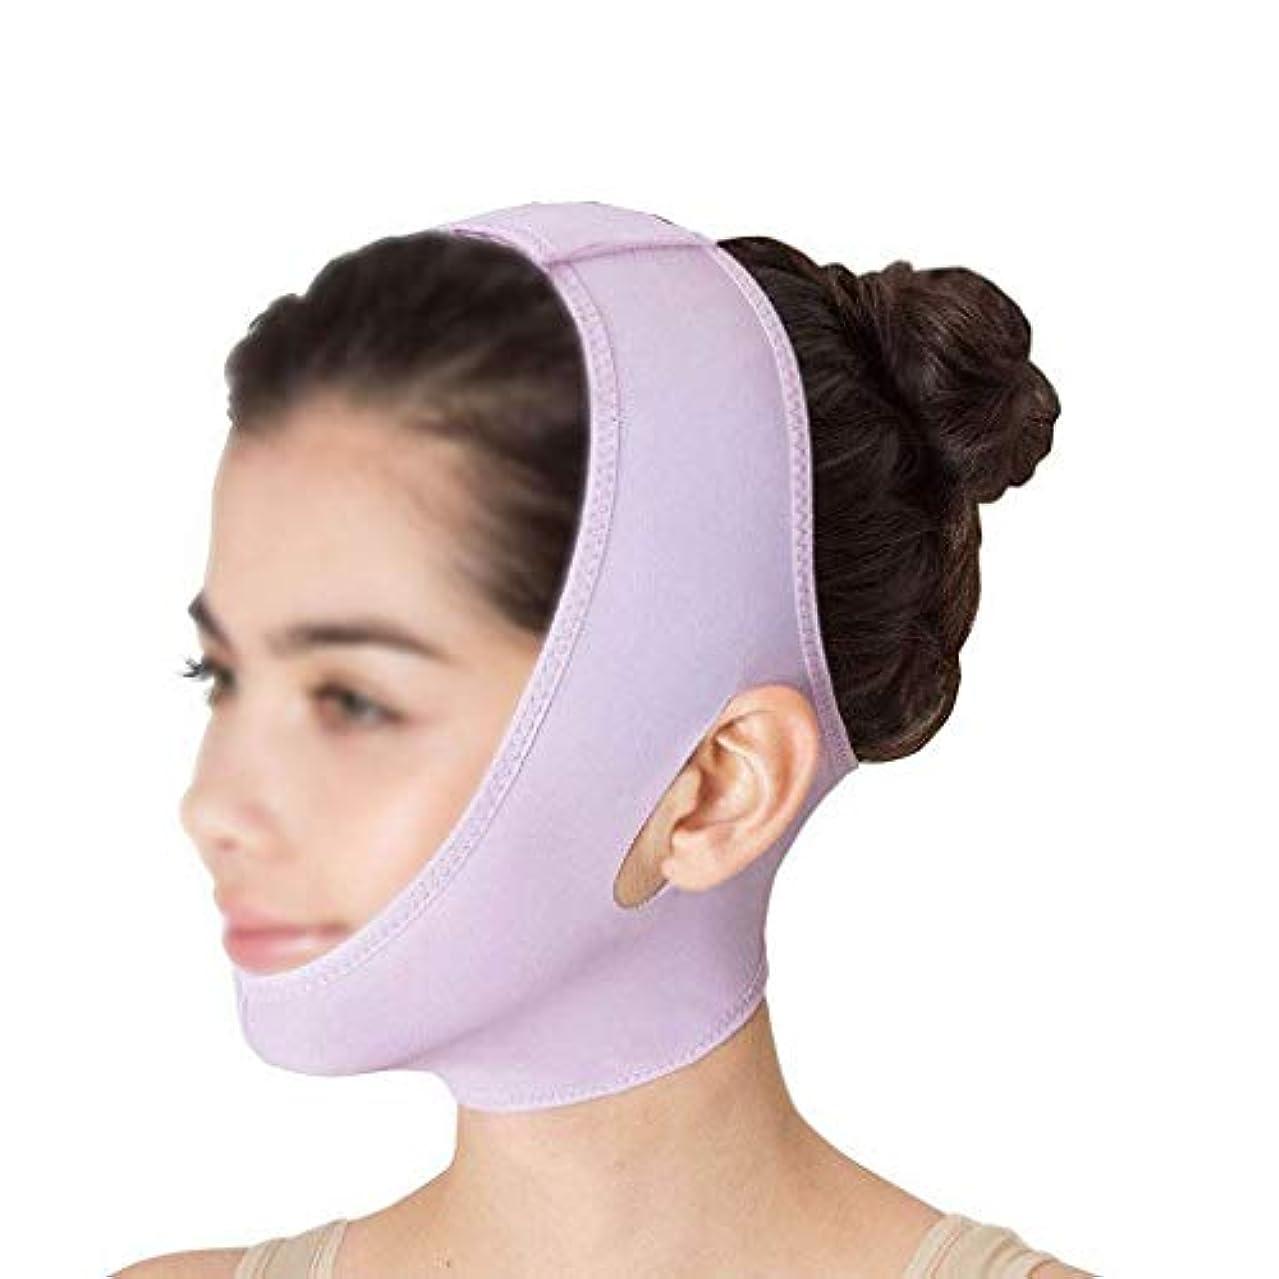 仲間、同僚販売計画処分した薄いフェイスマスク ビームフェイス、薄いダブルチンでスリーピングマスクの下の頬を防ぎ、小さなVフェイスを作成